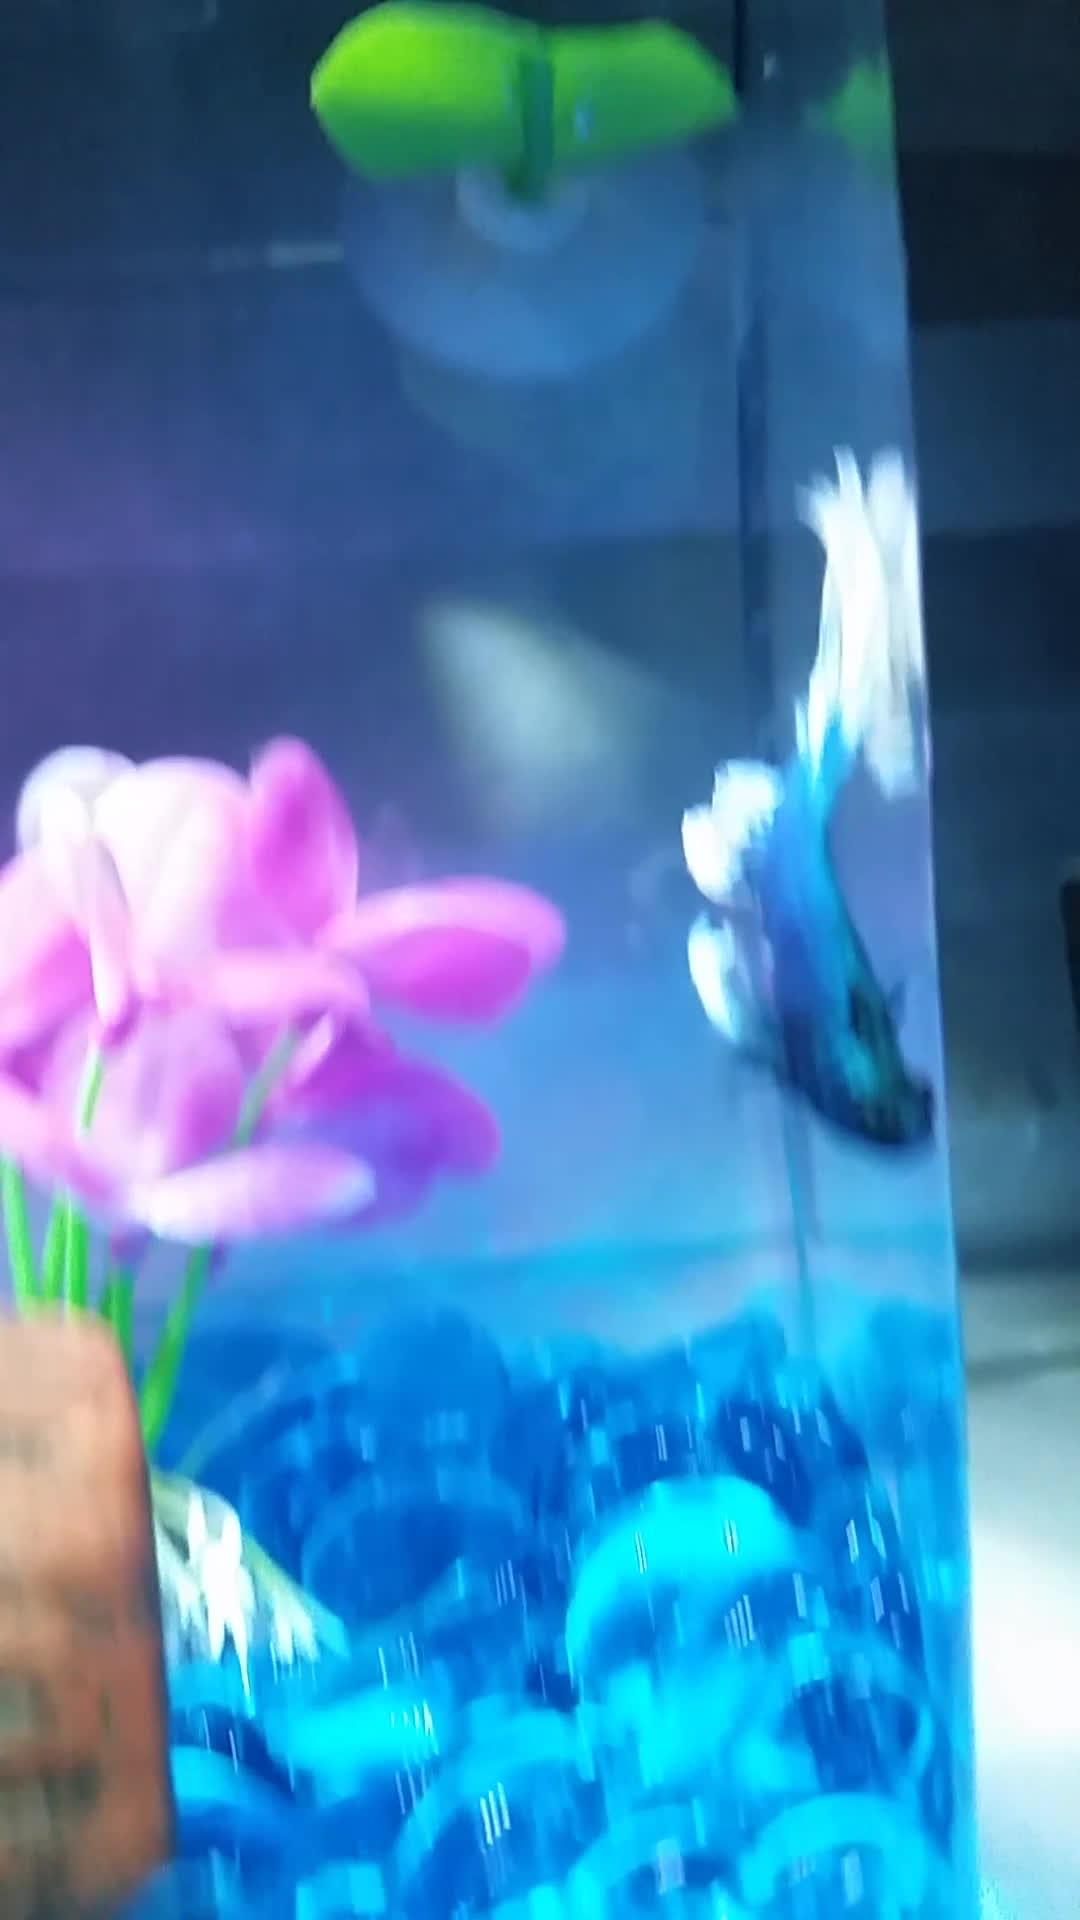 bettafish, Curious Wasabi GIFs